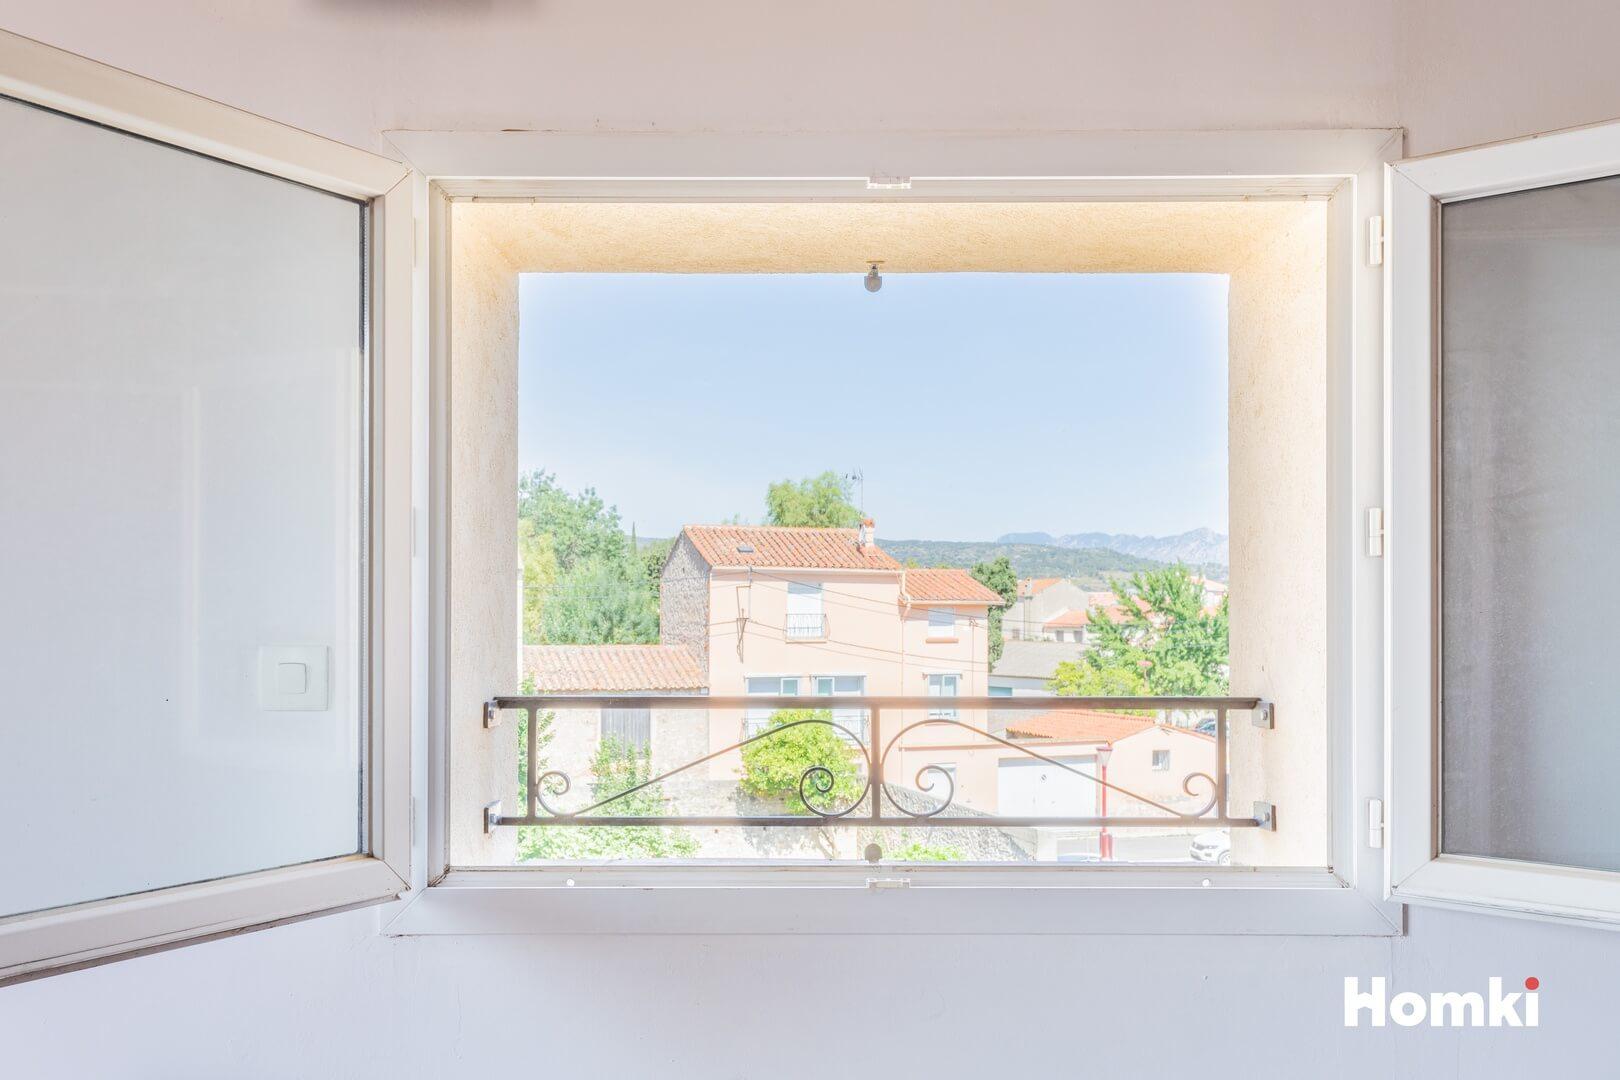 Homki - Vente Maison/villa  de 155.0 m² à RIVESALTES 66600